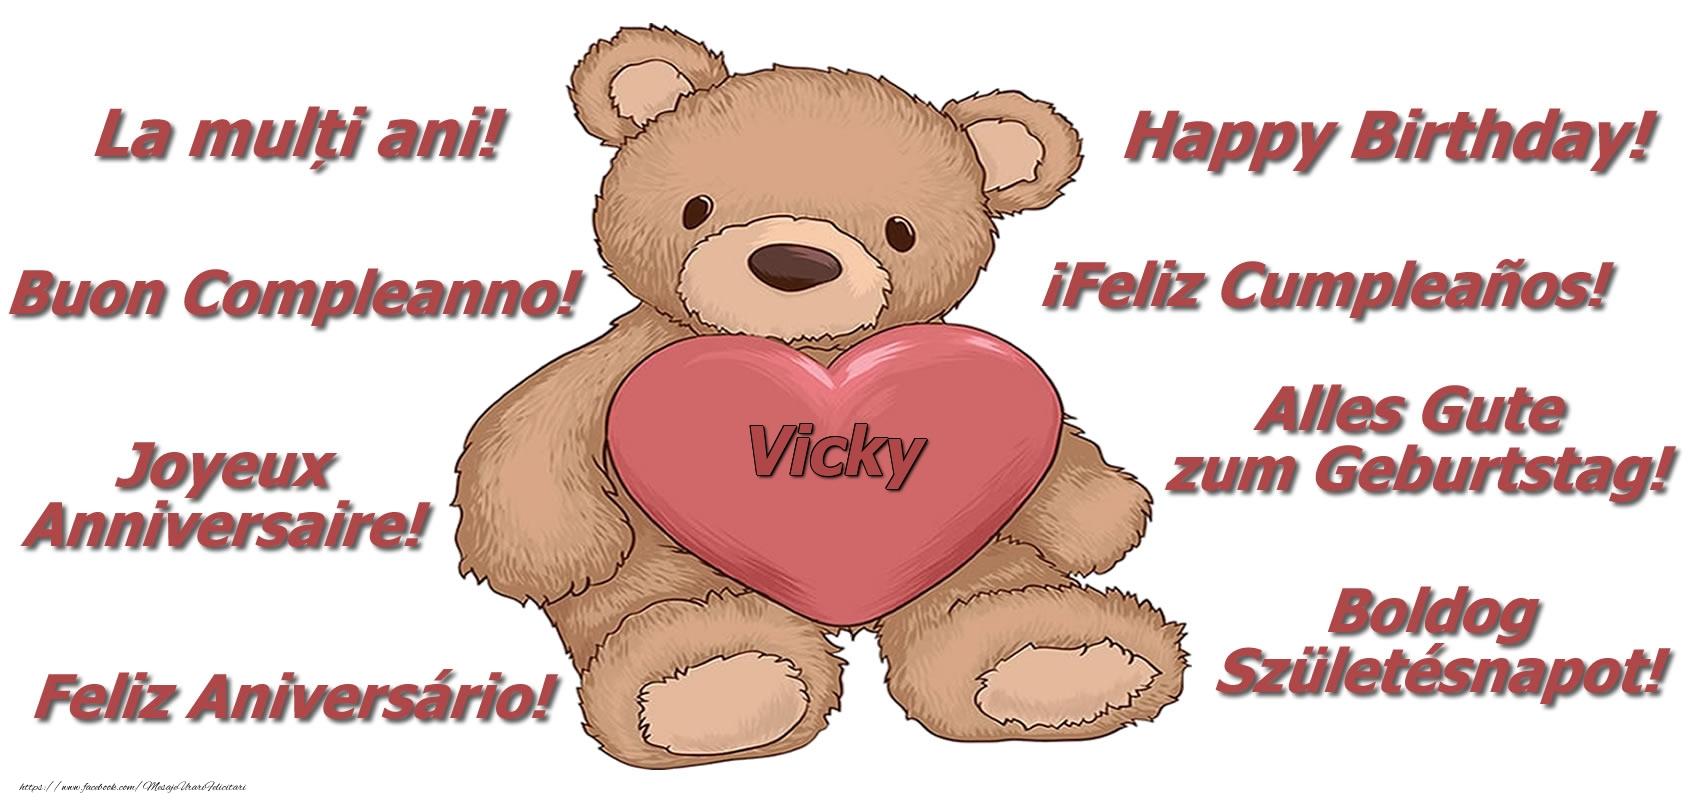 Felicitari de zi de nastere - La multi ani Vicky! - Ursulet